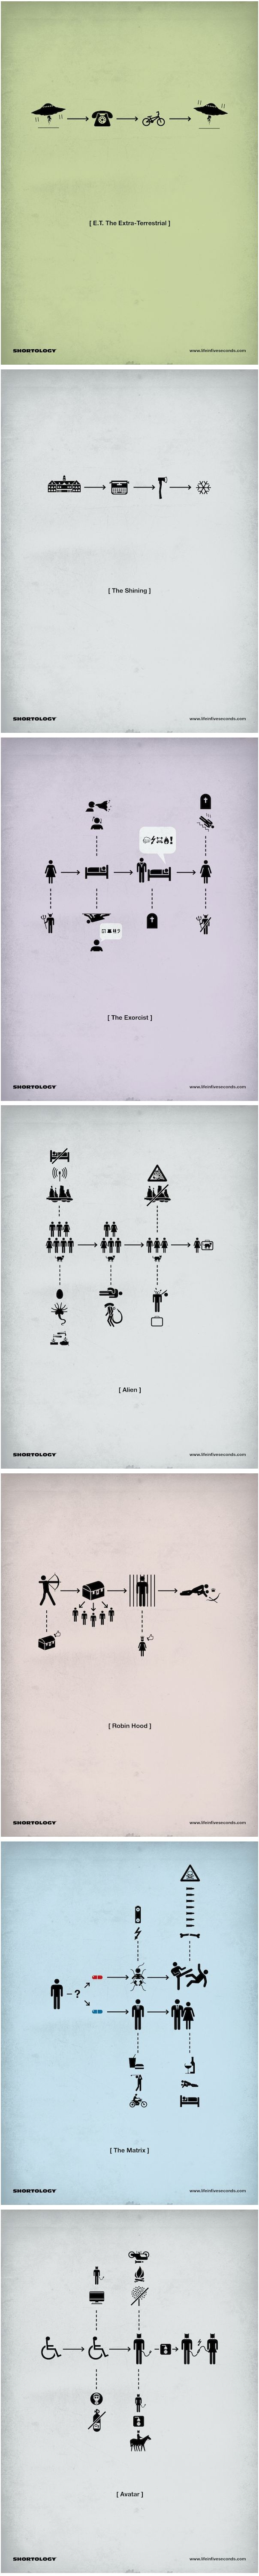 H-57-Shortology-Movie-Posters-ET